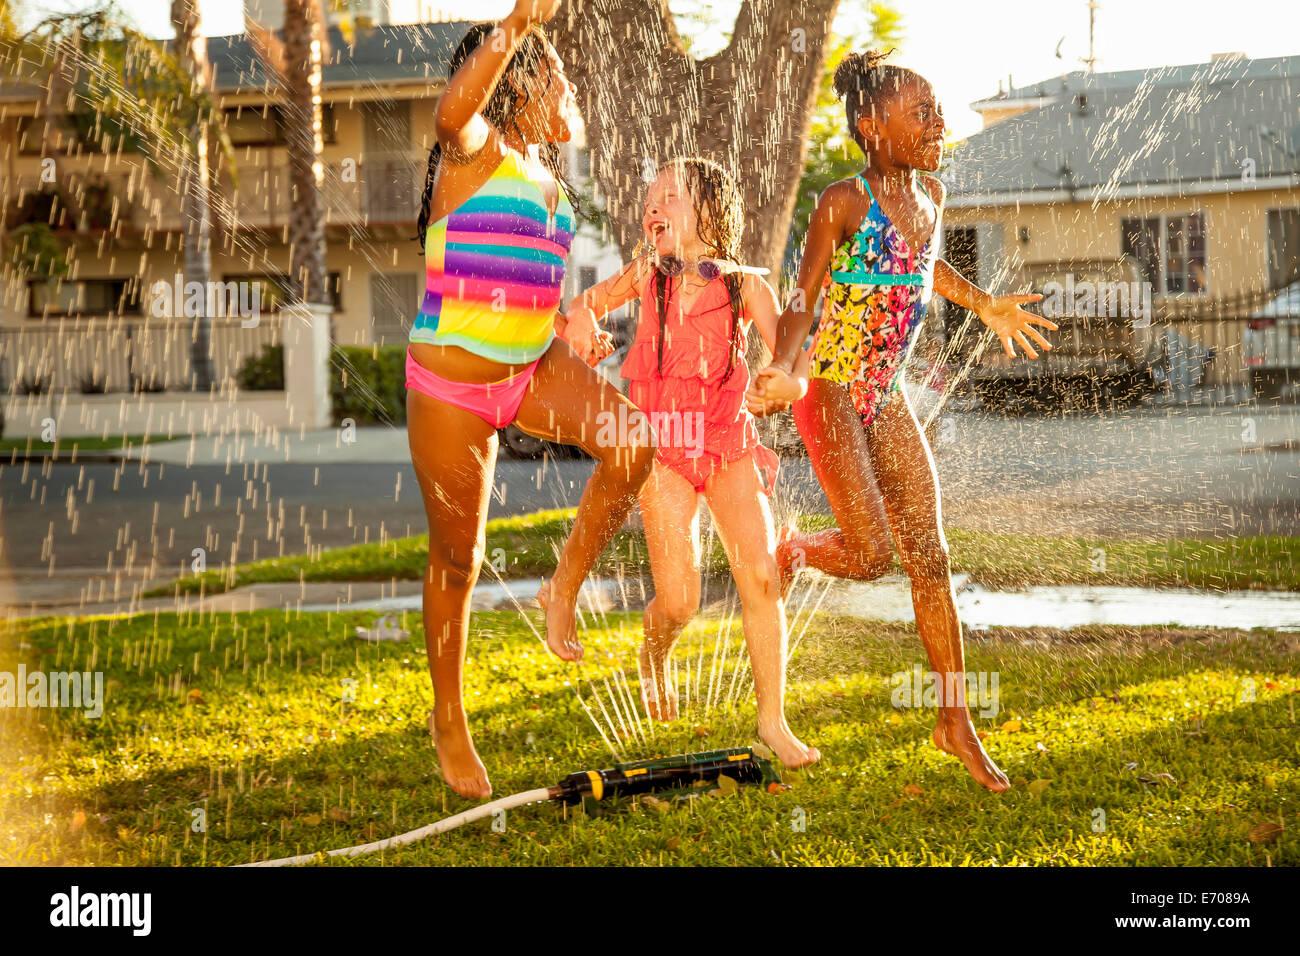 Le tre ragazze correre e saltare in giardino irroratore Foto Stock